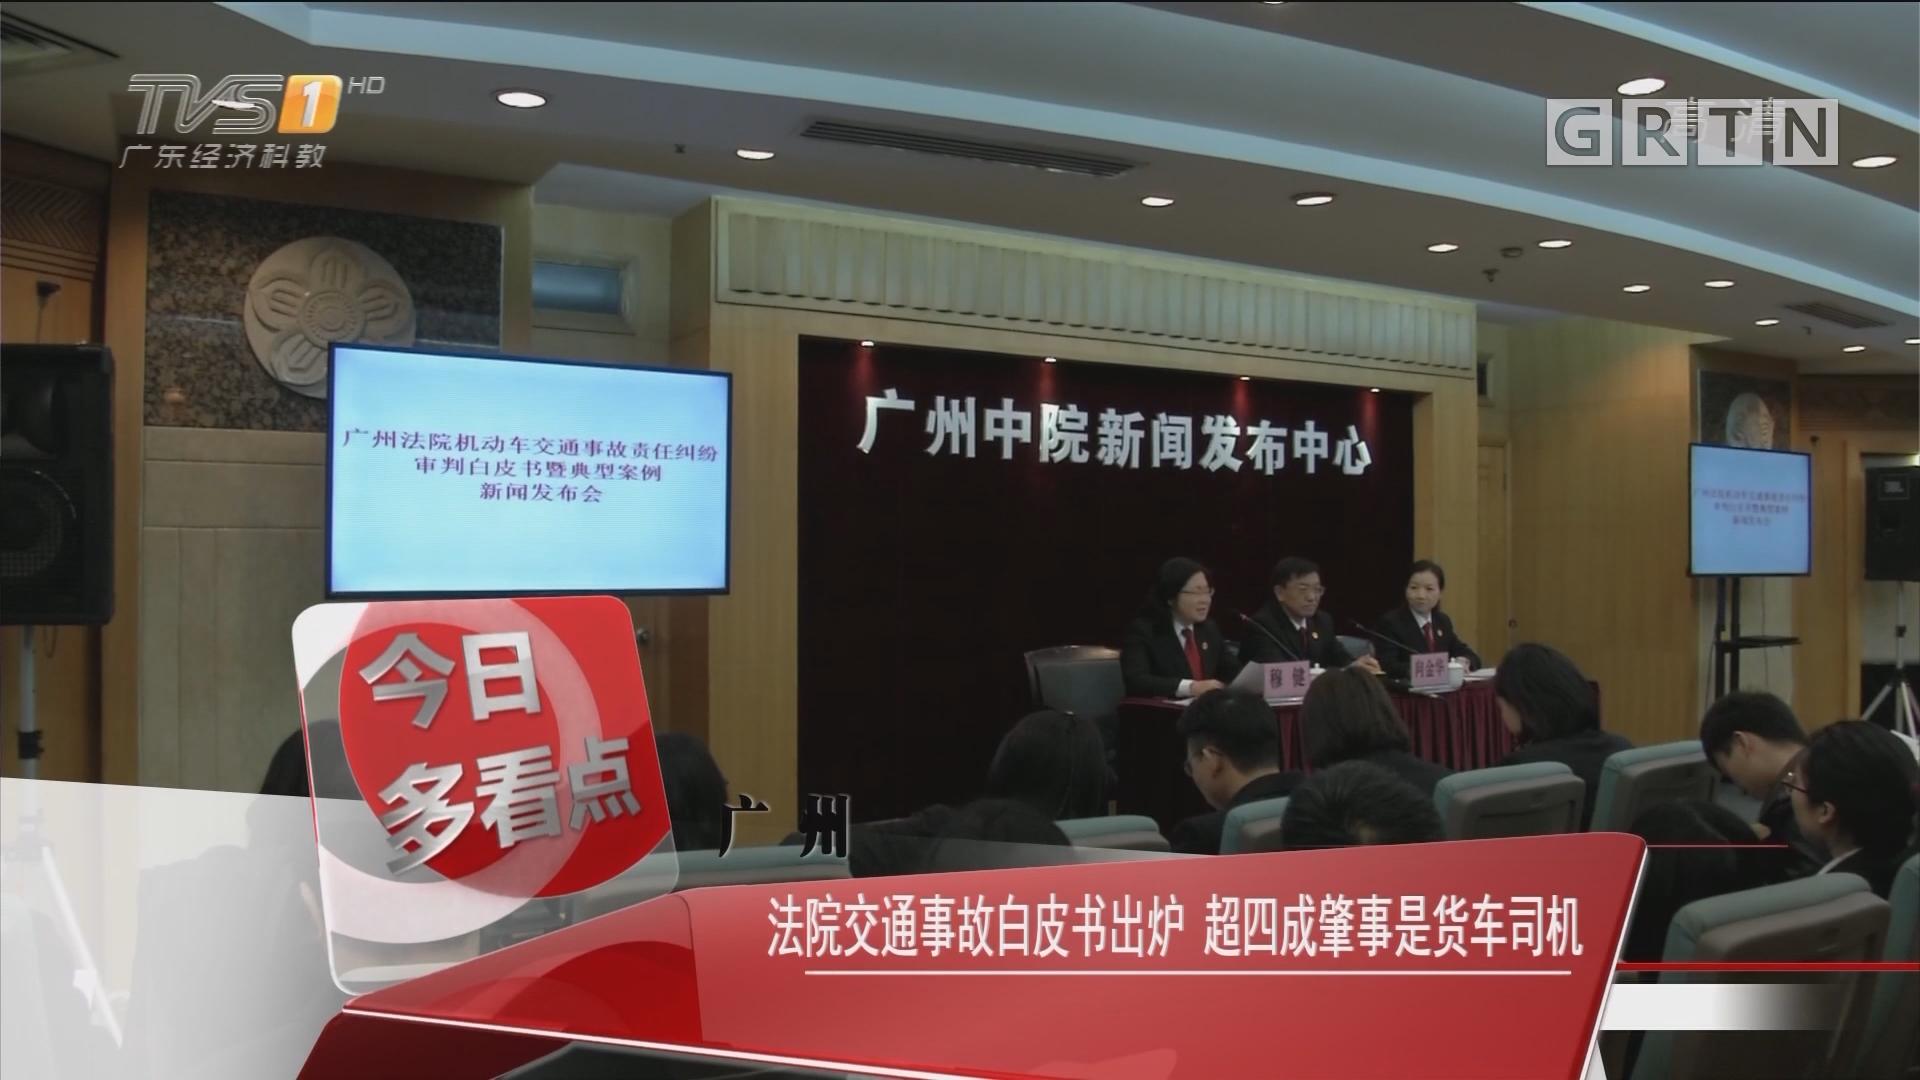 广州:法院交通事故白皮书出炉 超四成肇事是货车司机